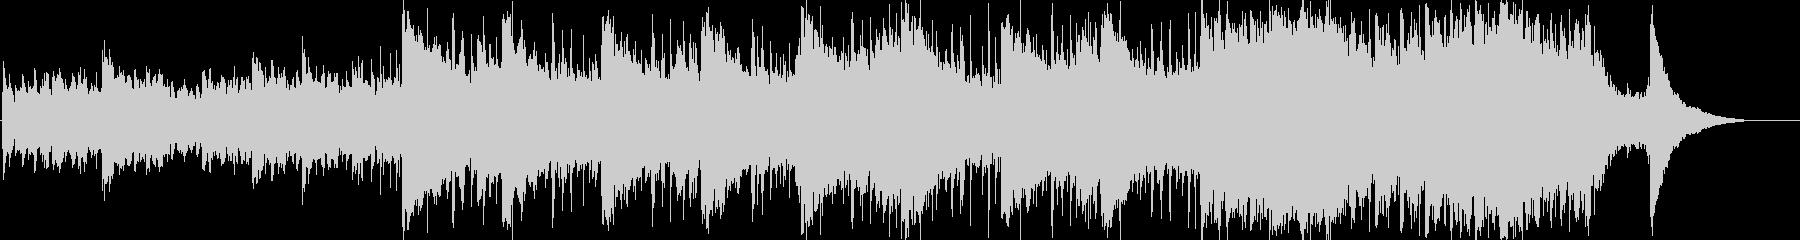 ピアノと弦が美しいコーポレート系BGMの未再生の波形